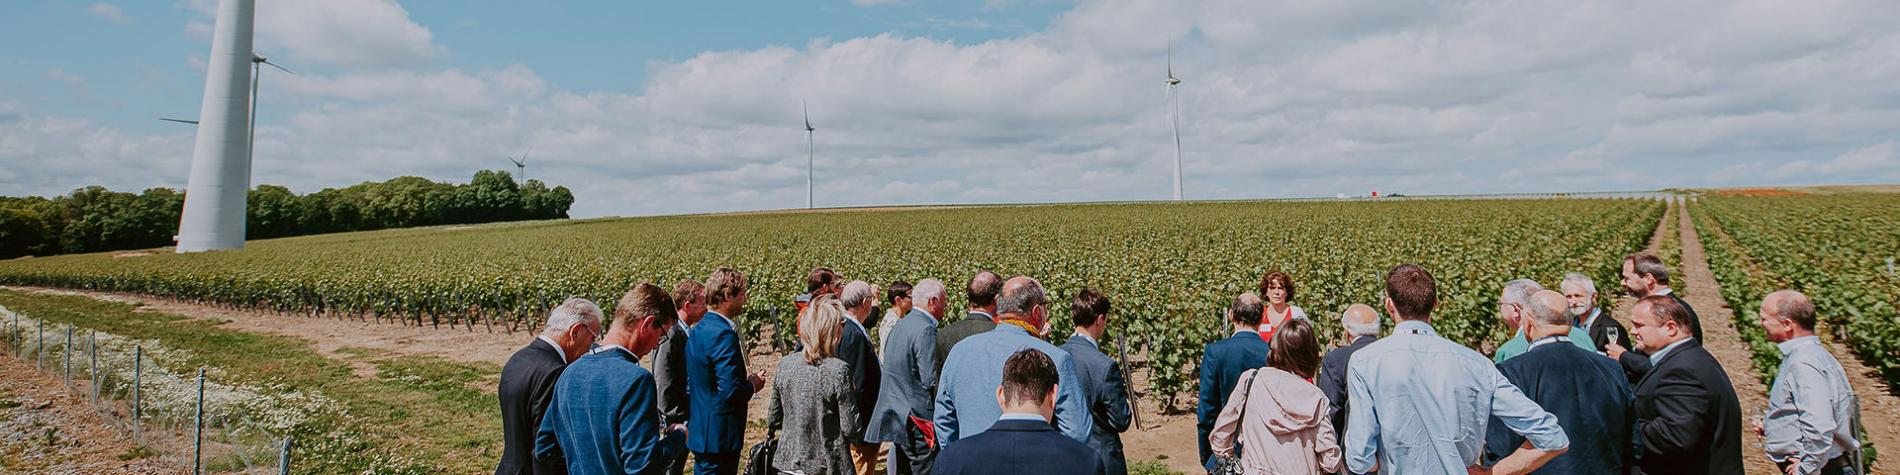 Visit'Entreprise - Domaine du Chant d'Eole - vignoble - Mons - Brut Blanc de Blancs - Elixir Saint-Georges